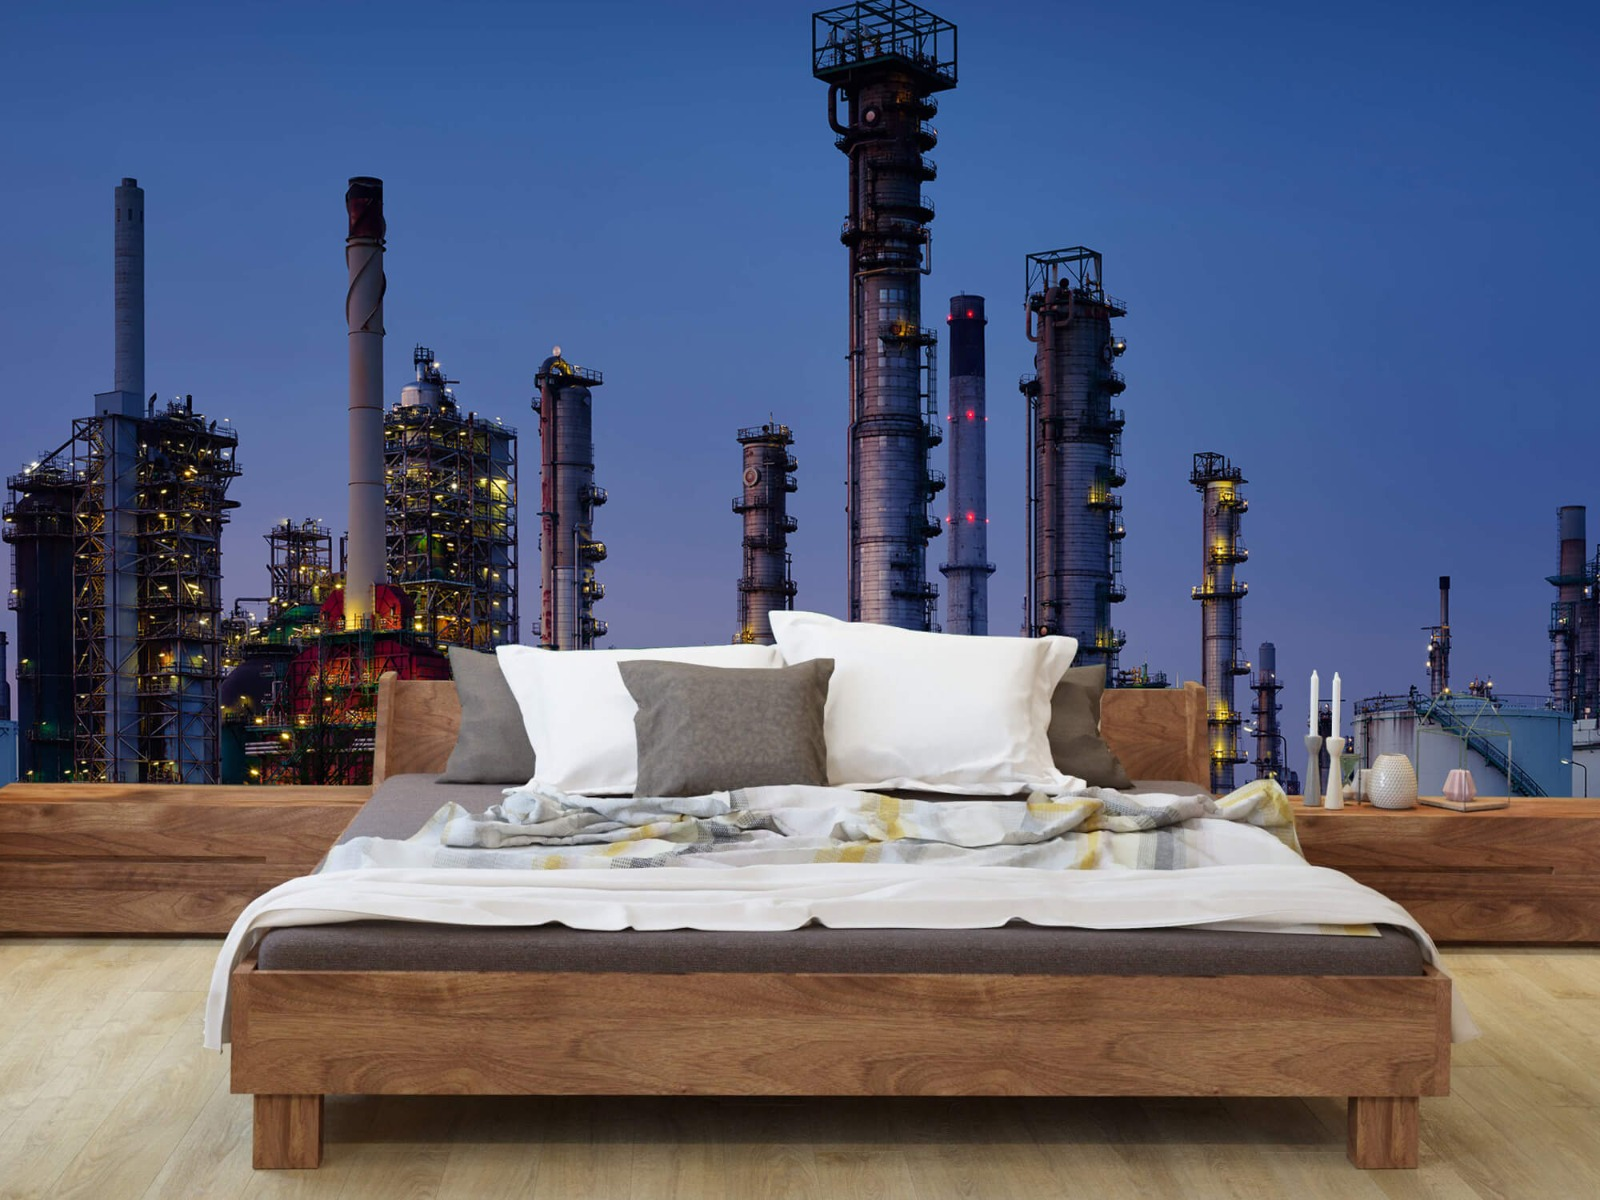 Steden behang - Industrie Botlek - Hobbykamer 7